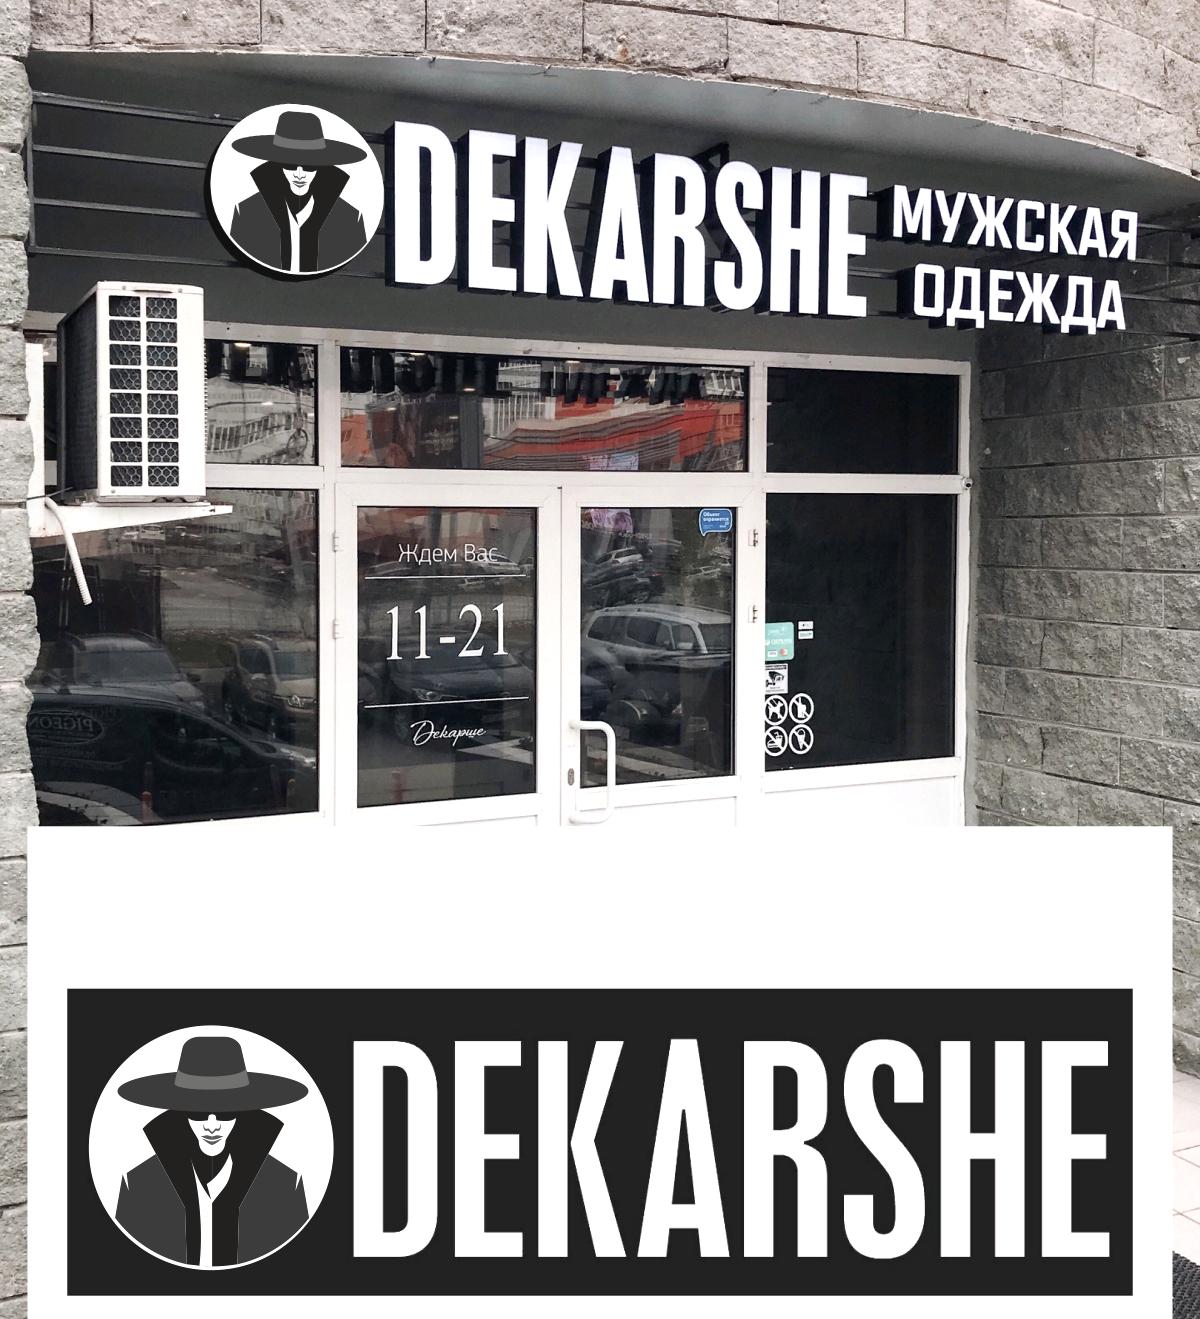 Разработать дизайн ИКОНКИ для логотипа для сети магазинов мужской одежды. фото f_4625e1dfceeae5f3.png